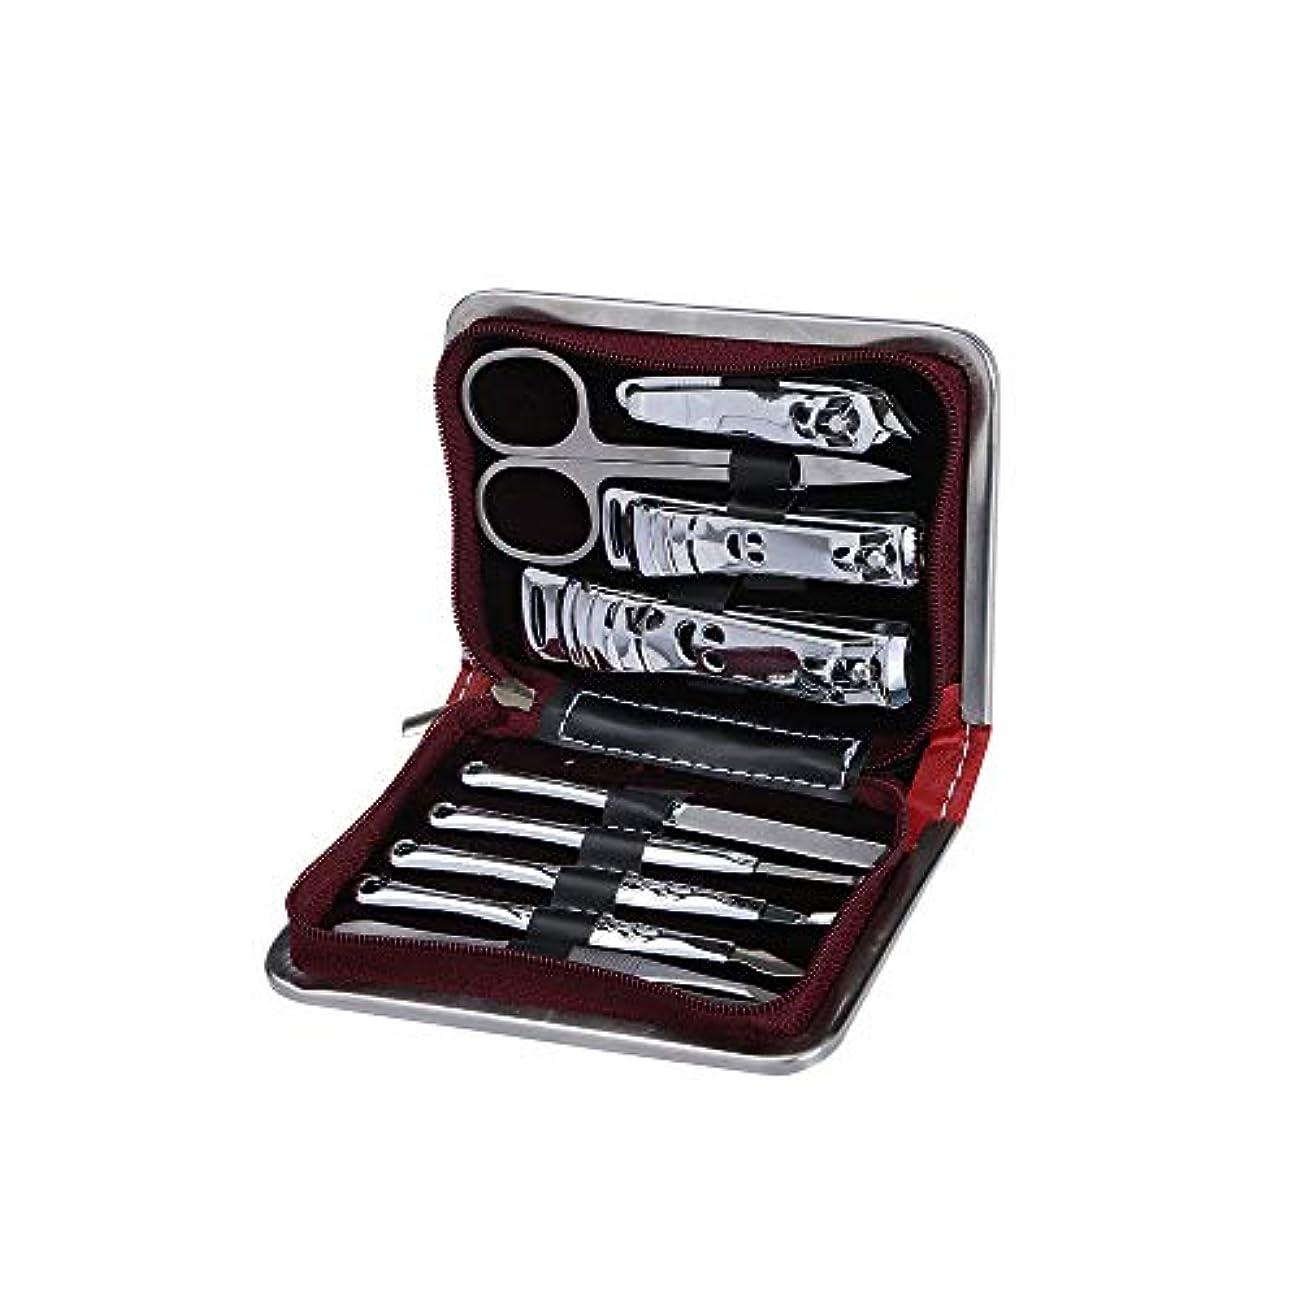 小道具逆さまに団結するネイルケアセット高級ステンレス鋼製 爪やすりセット高級PUレザーケース付き、ブラックレッド、9点セット